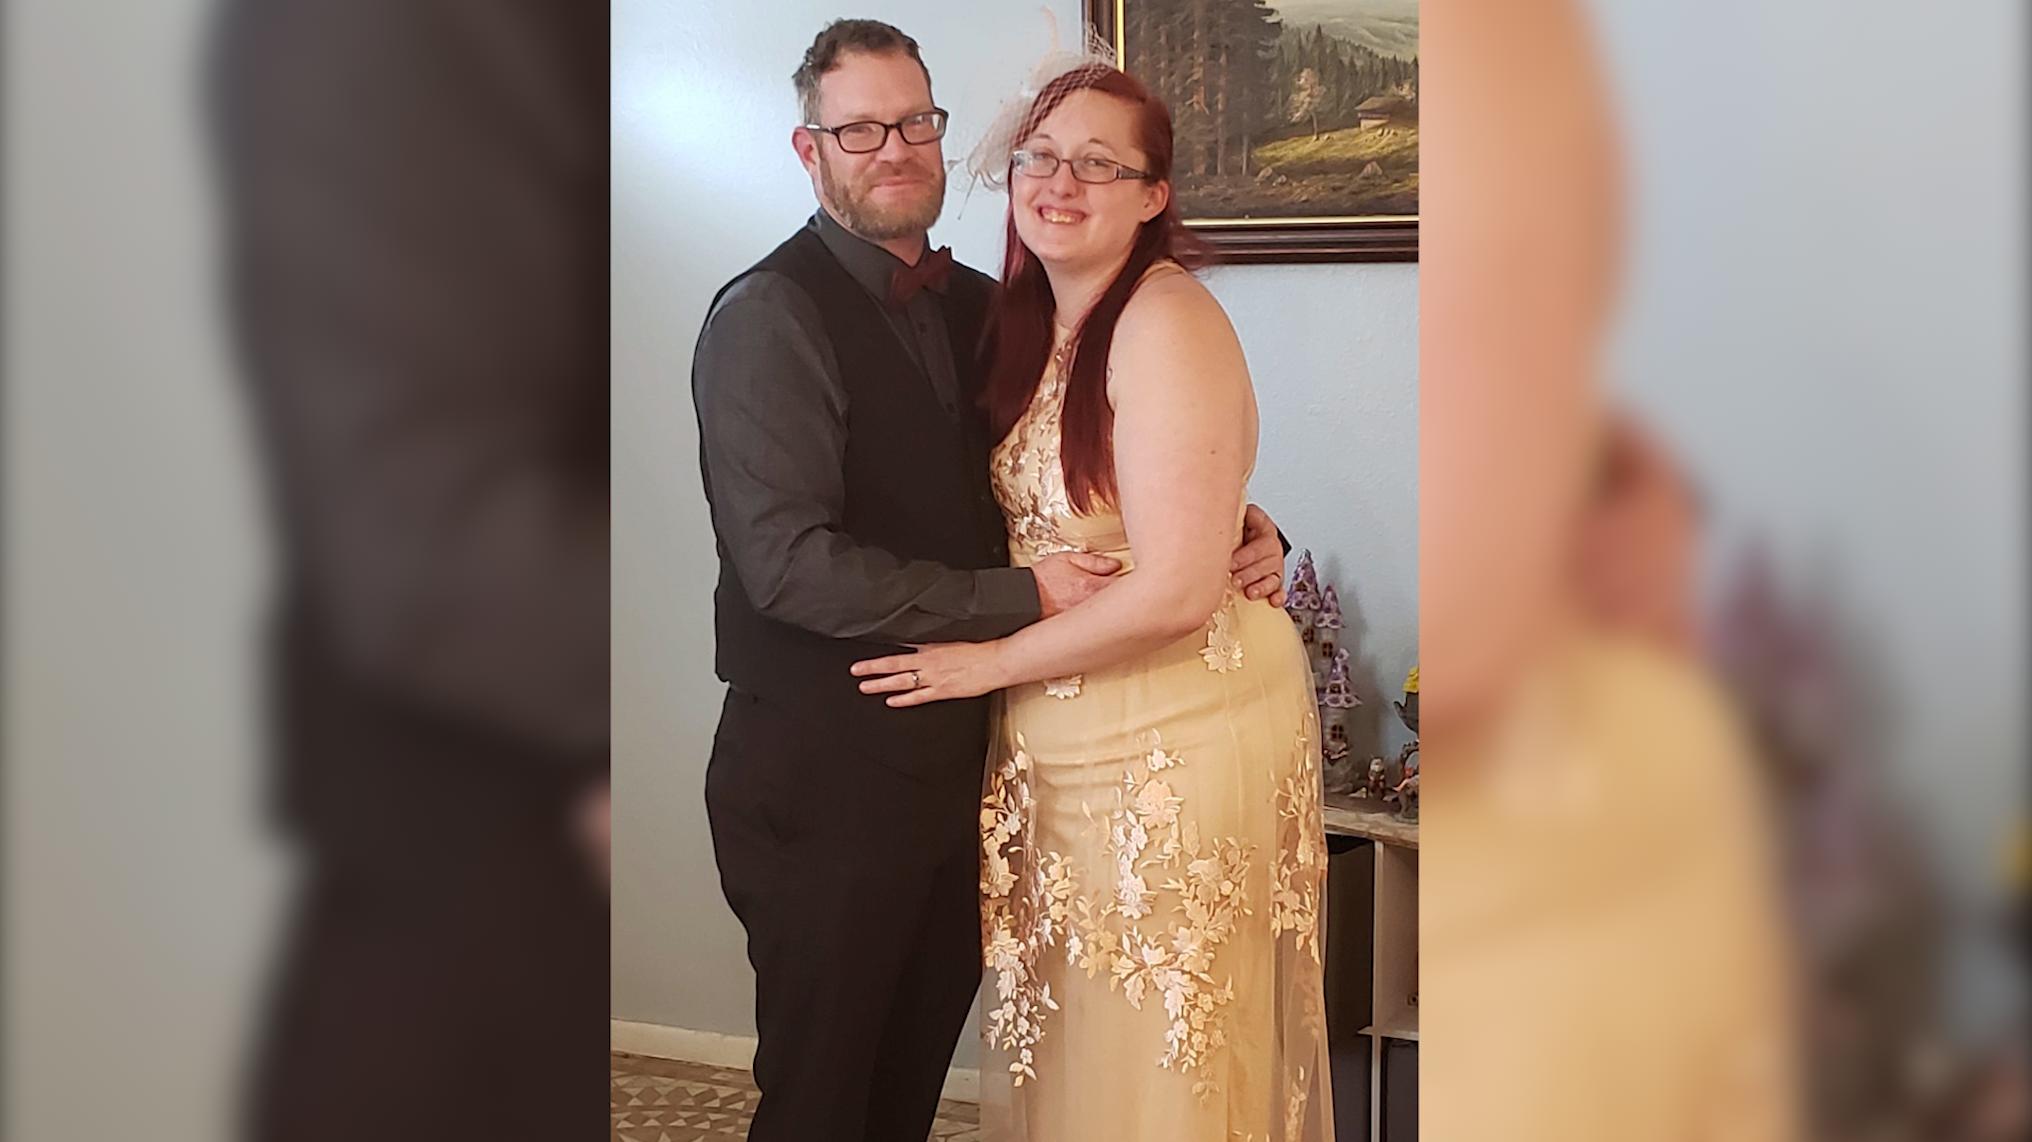 AJ and Kat Warner's at-home wedding